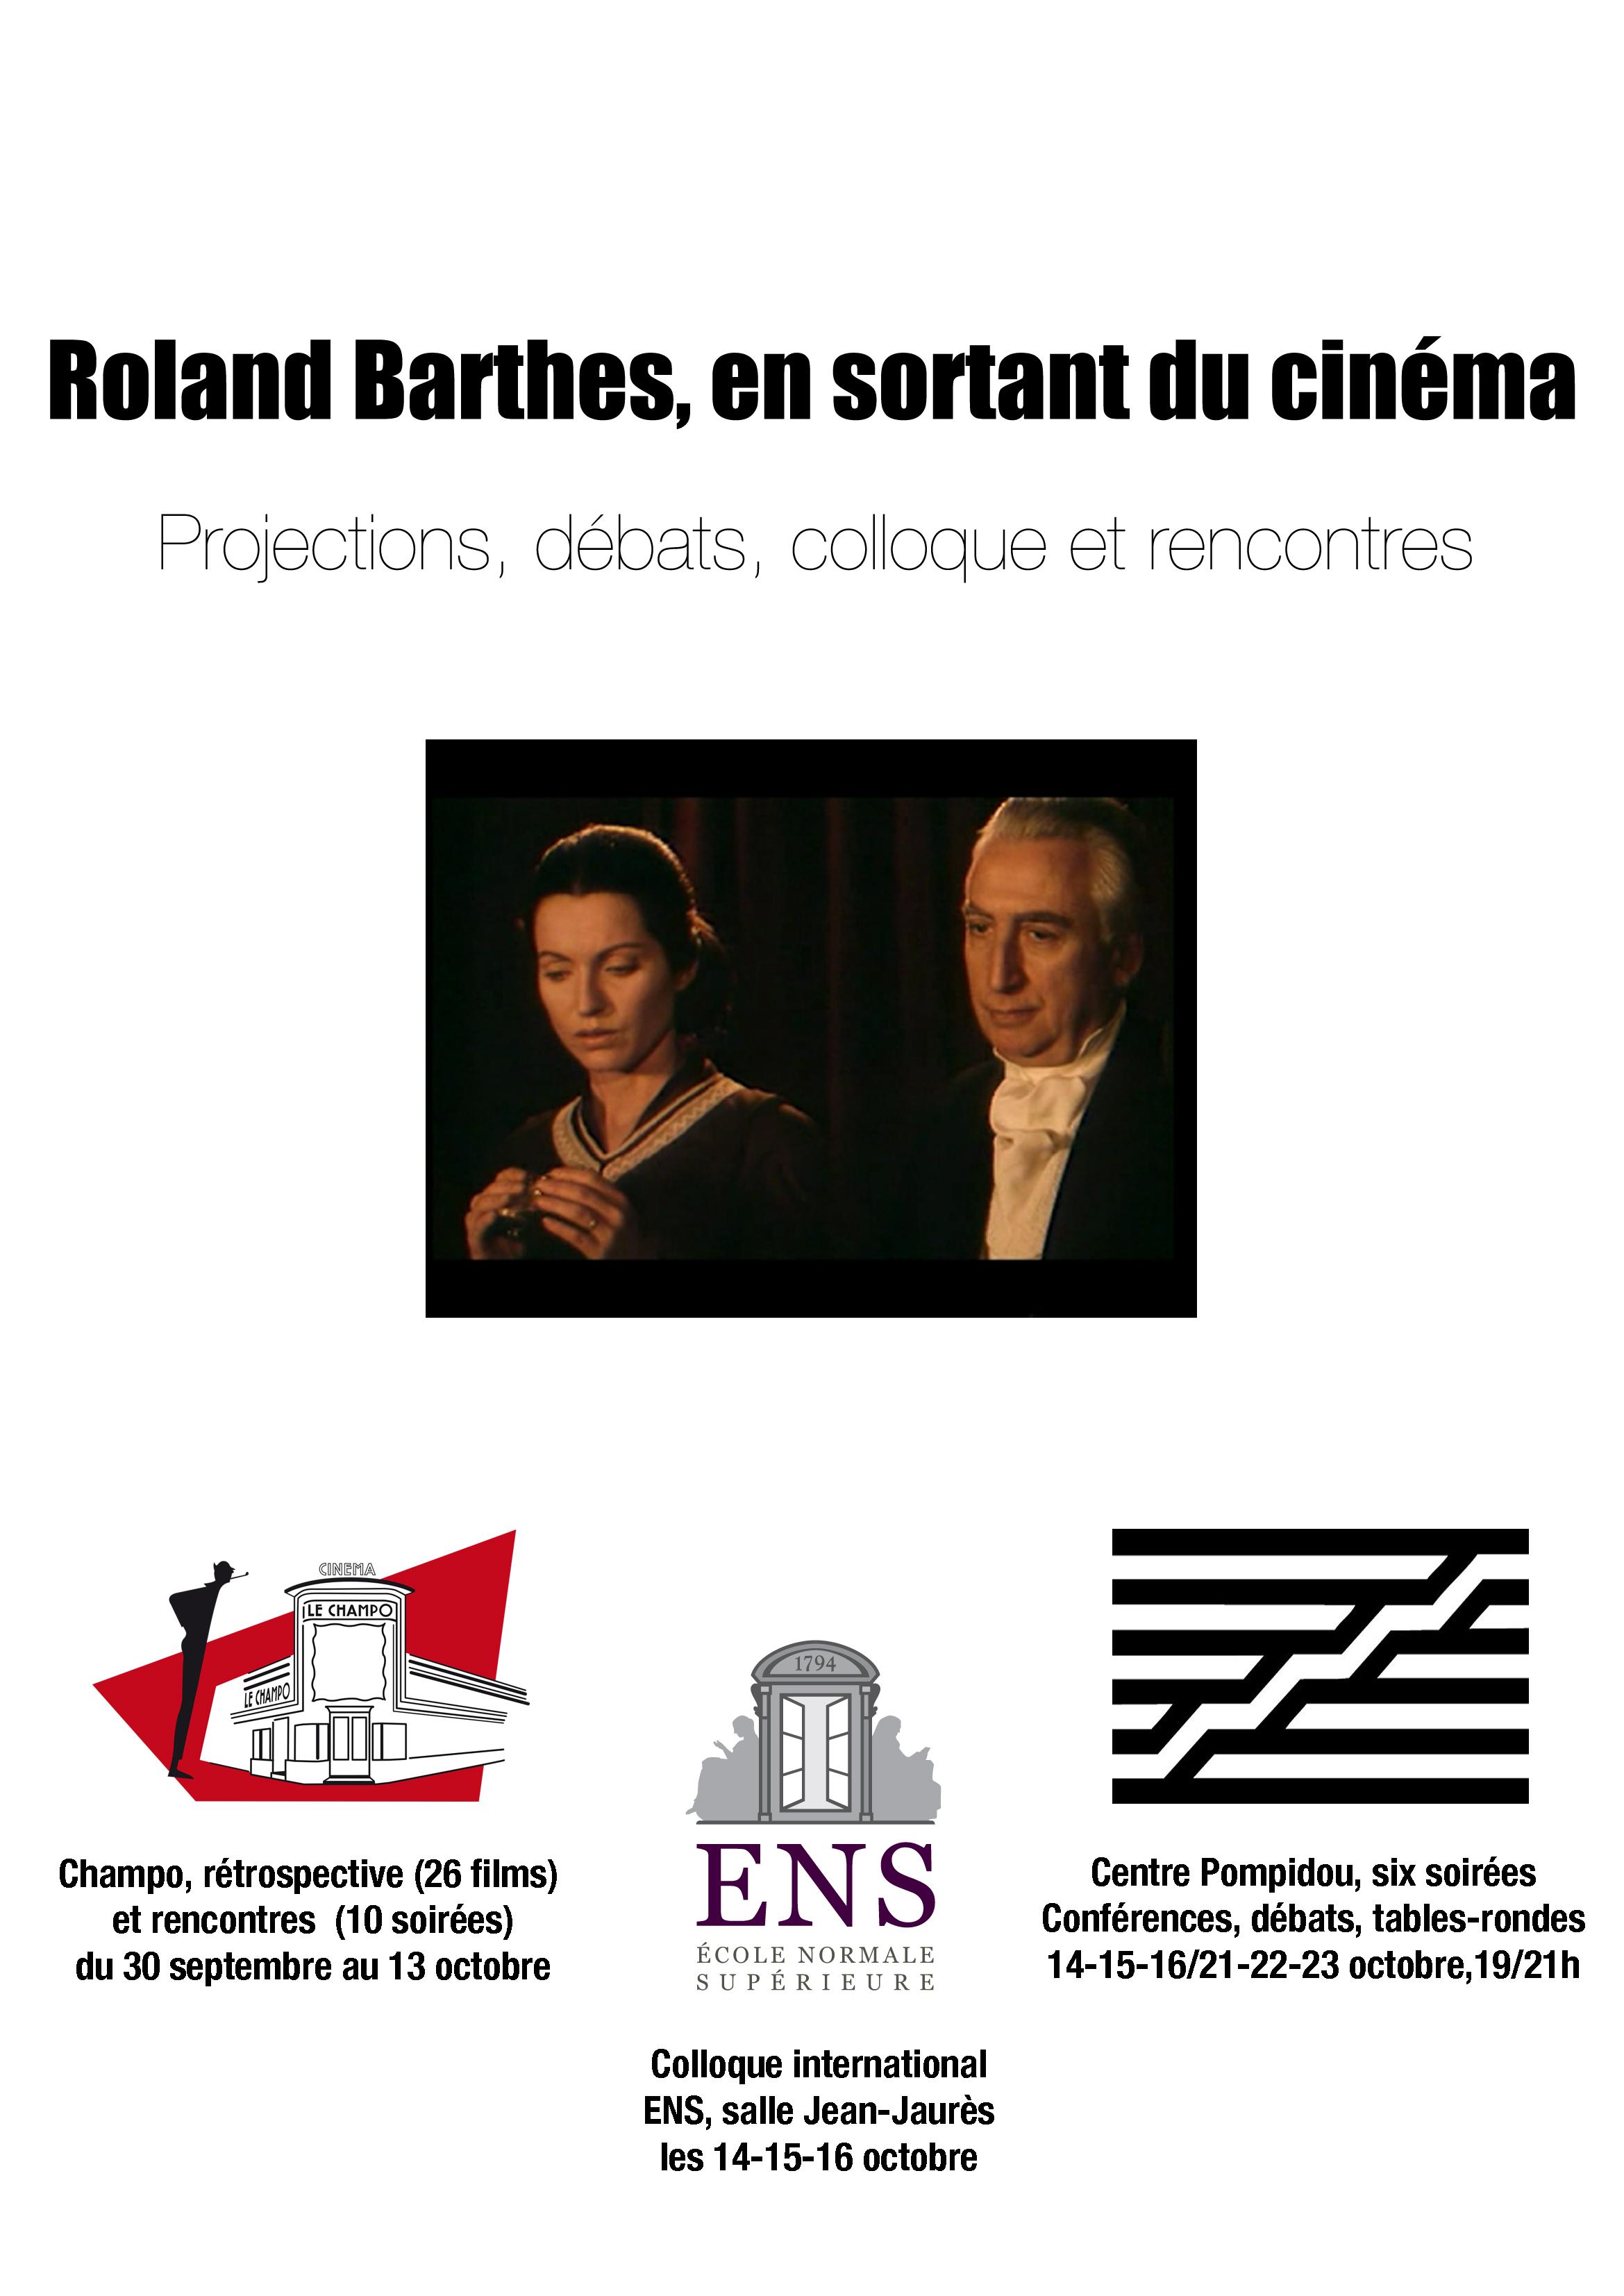 Barthes en sortant du cinéma (ENS)